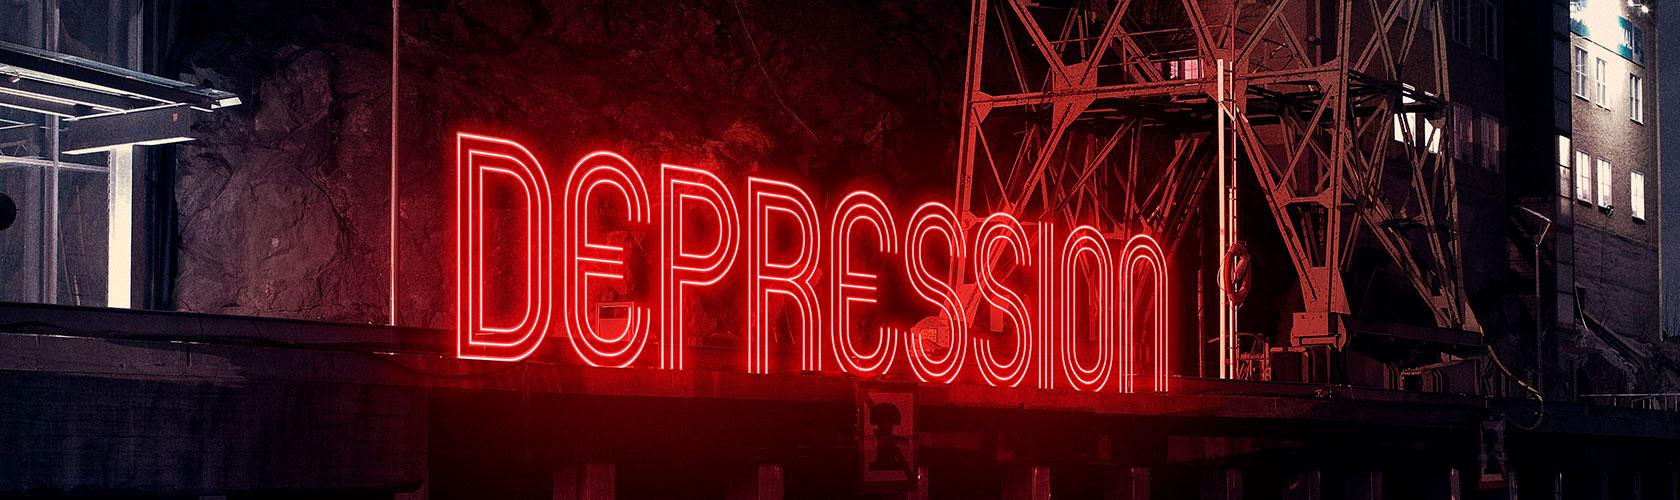 Är du deprimerad? Prata om det på Mind Forum